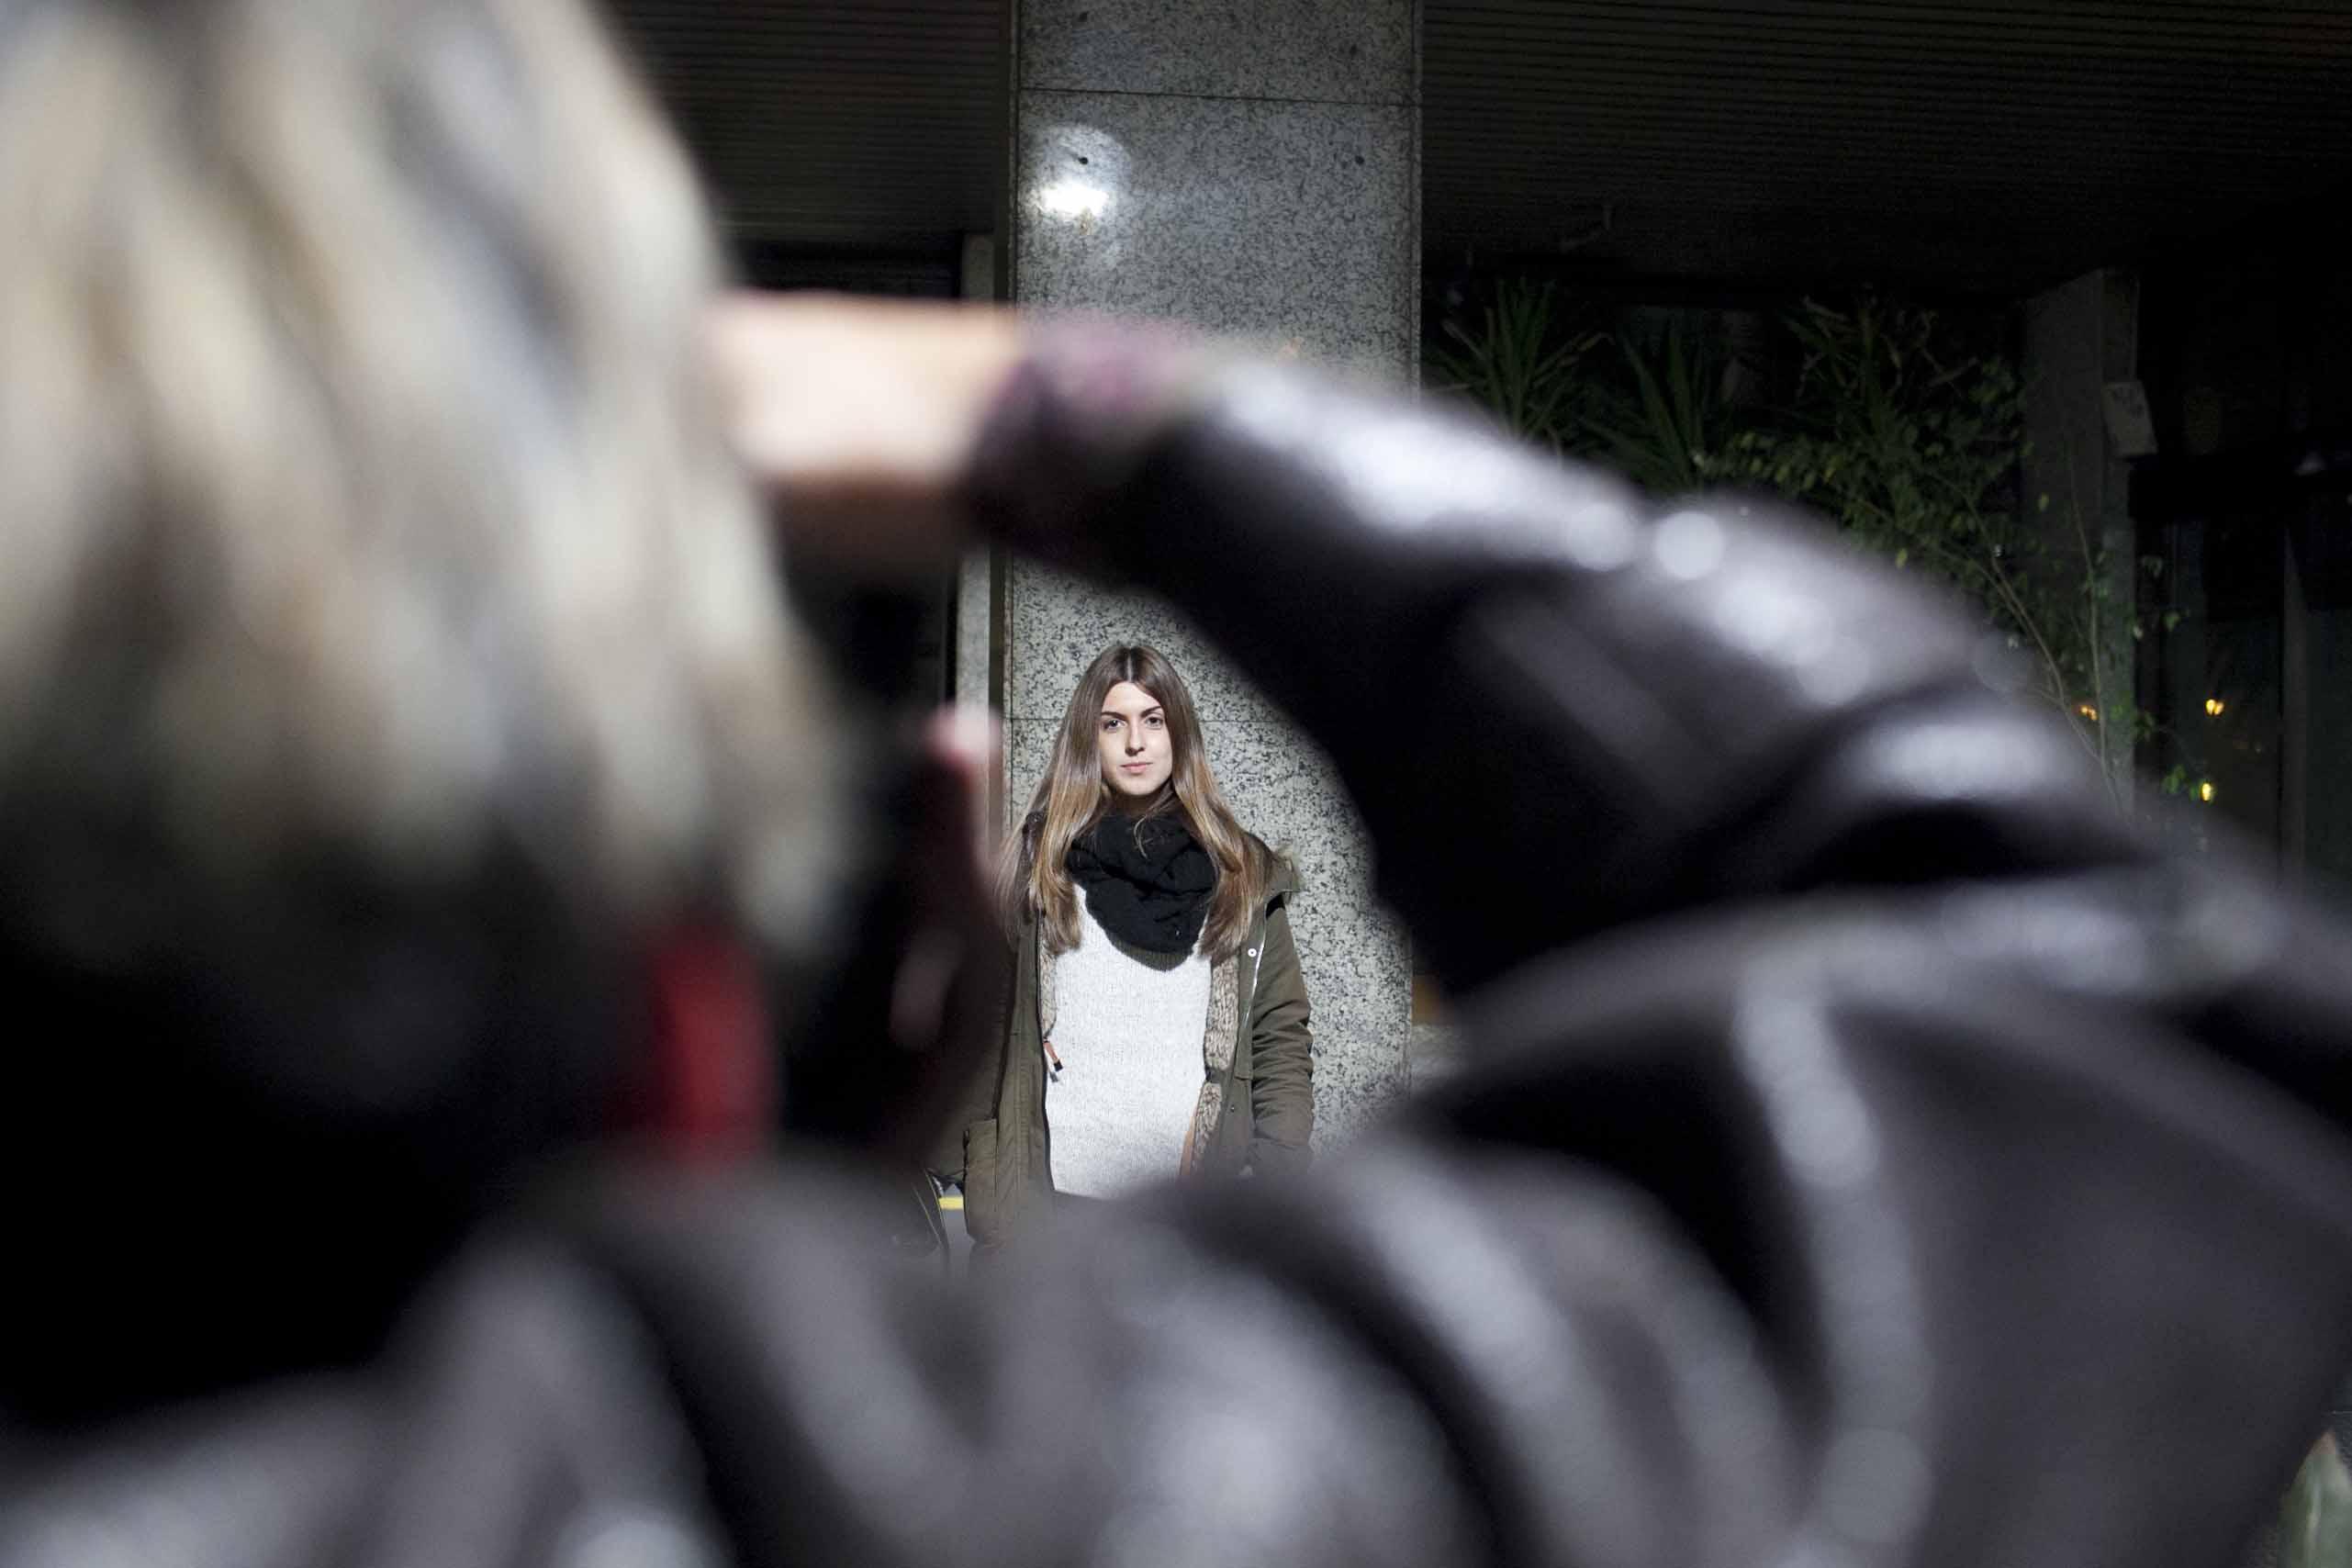 Curso de iniciación a la fotografía en Bilbao